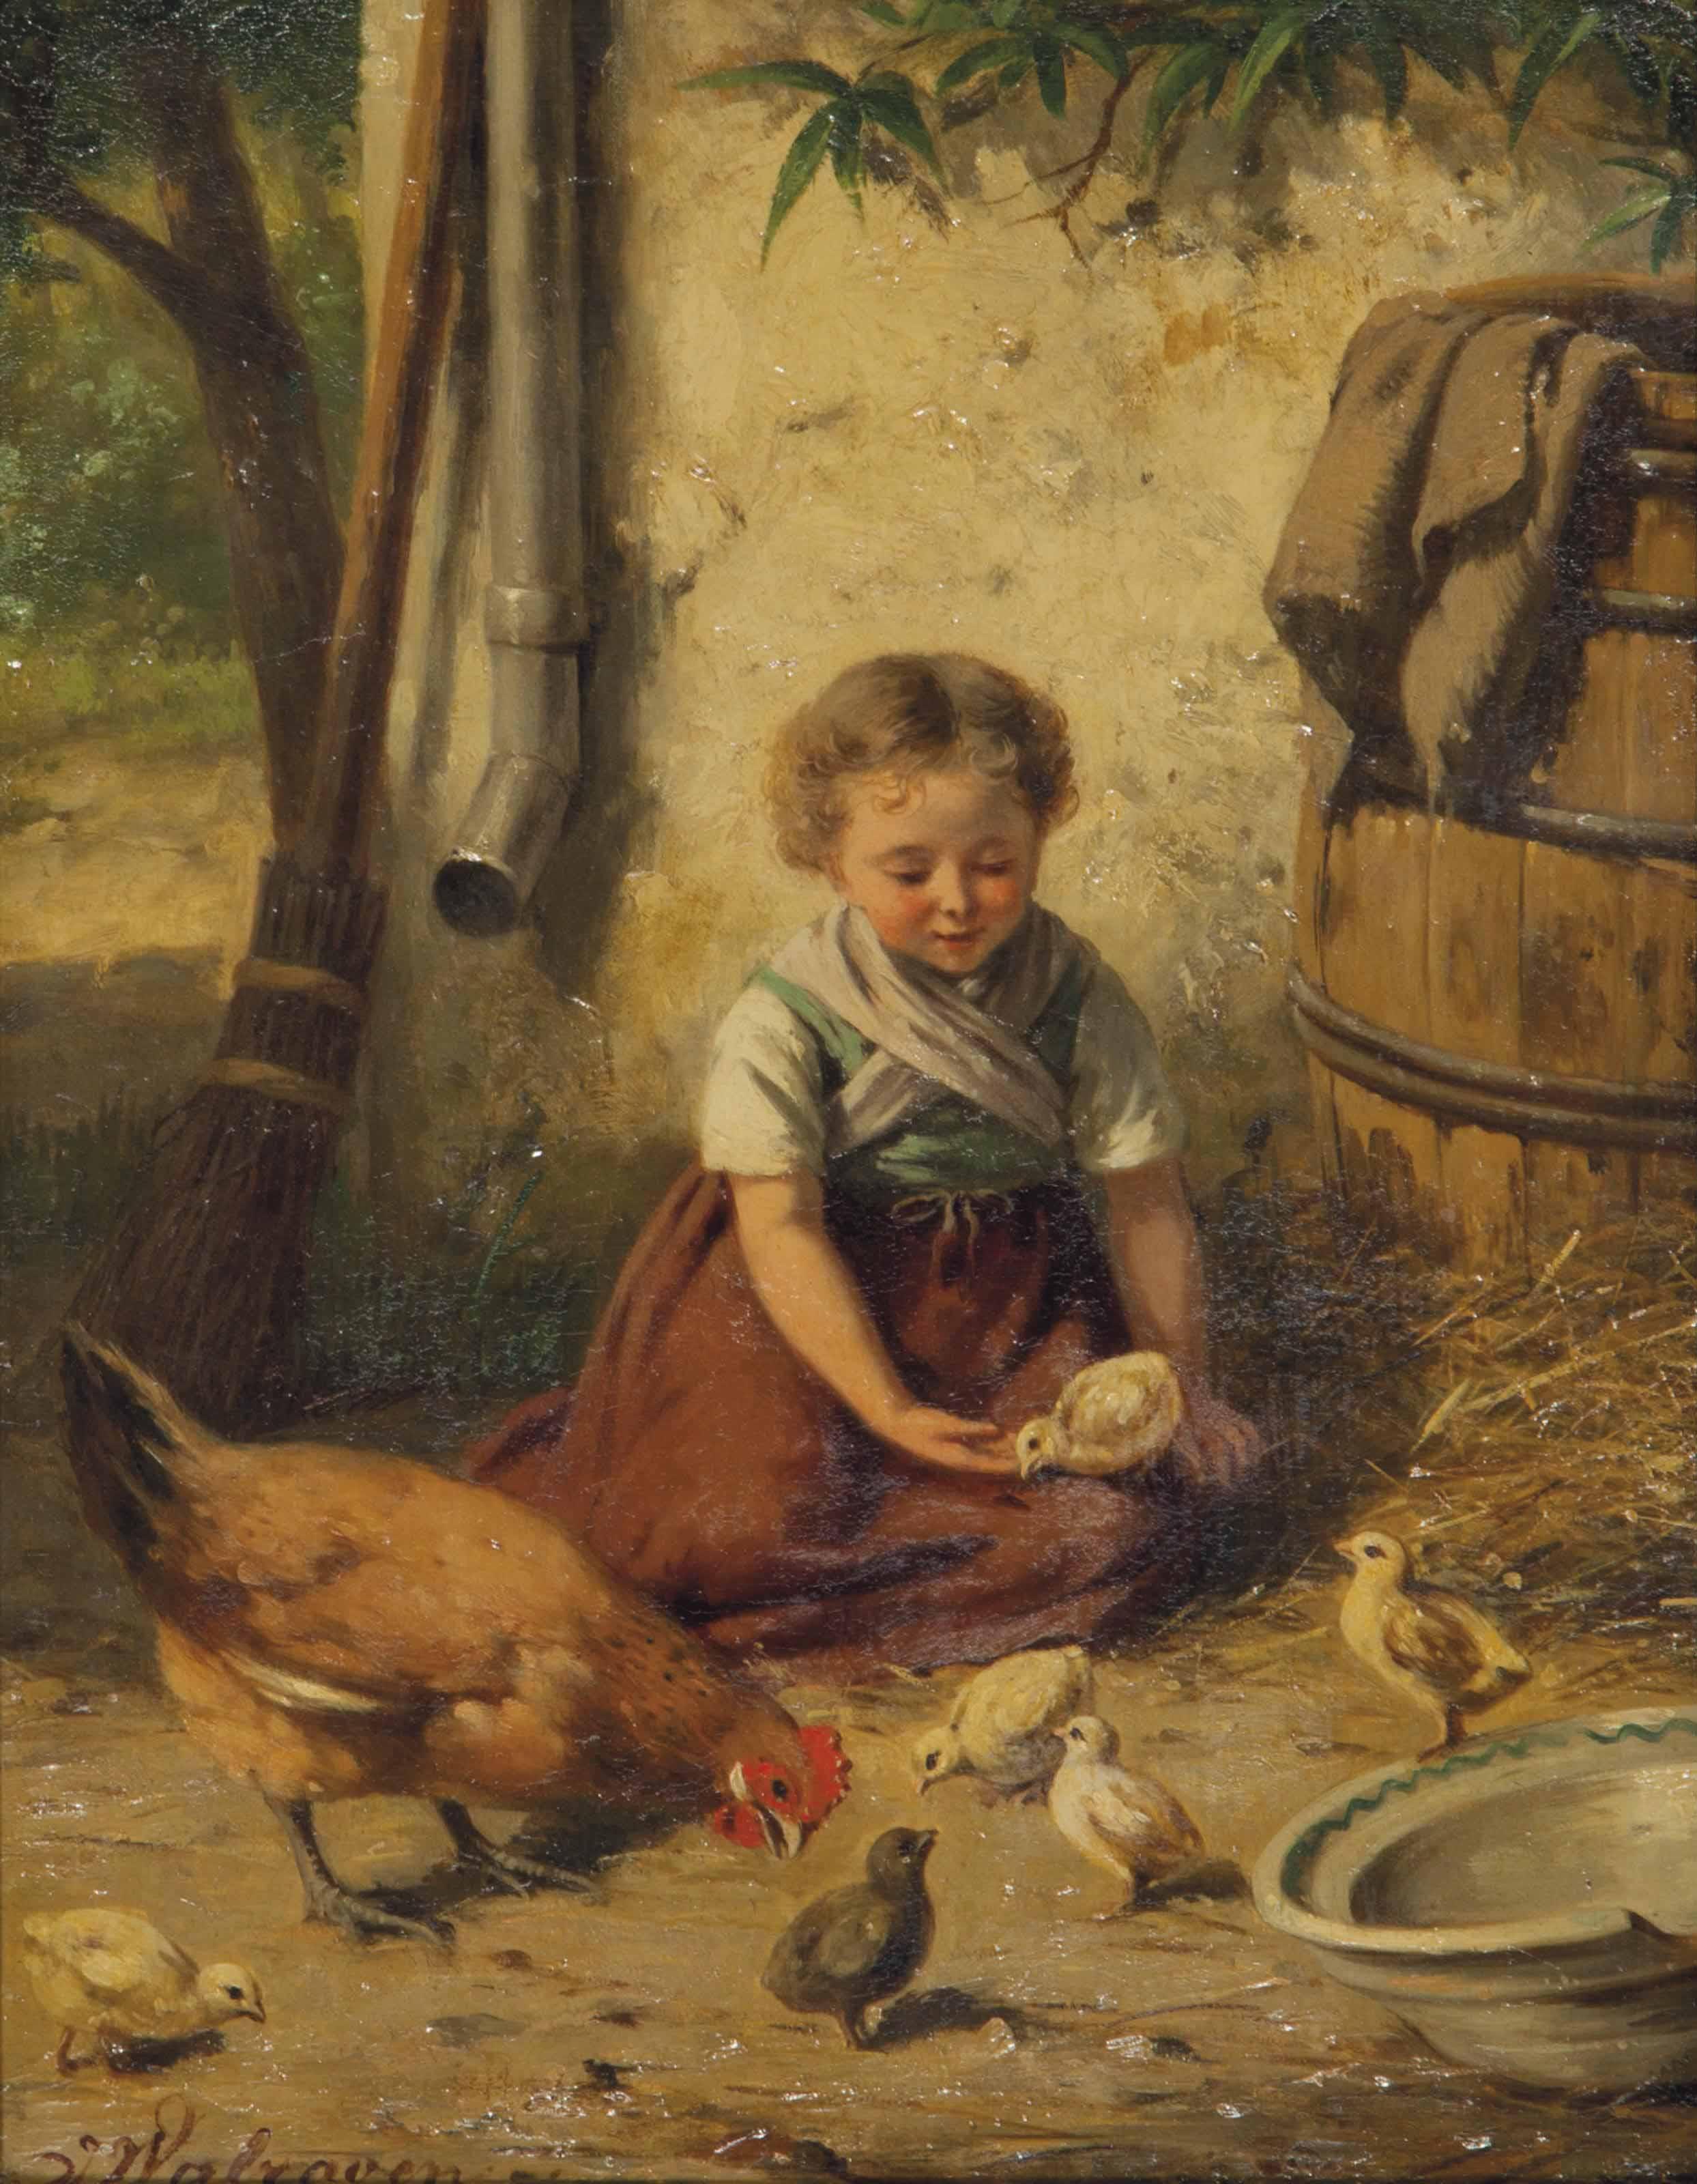 Jan Walraven (Dutch, 1827-1863